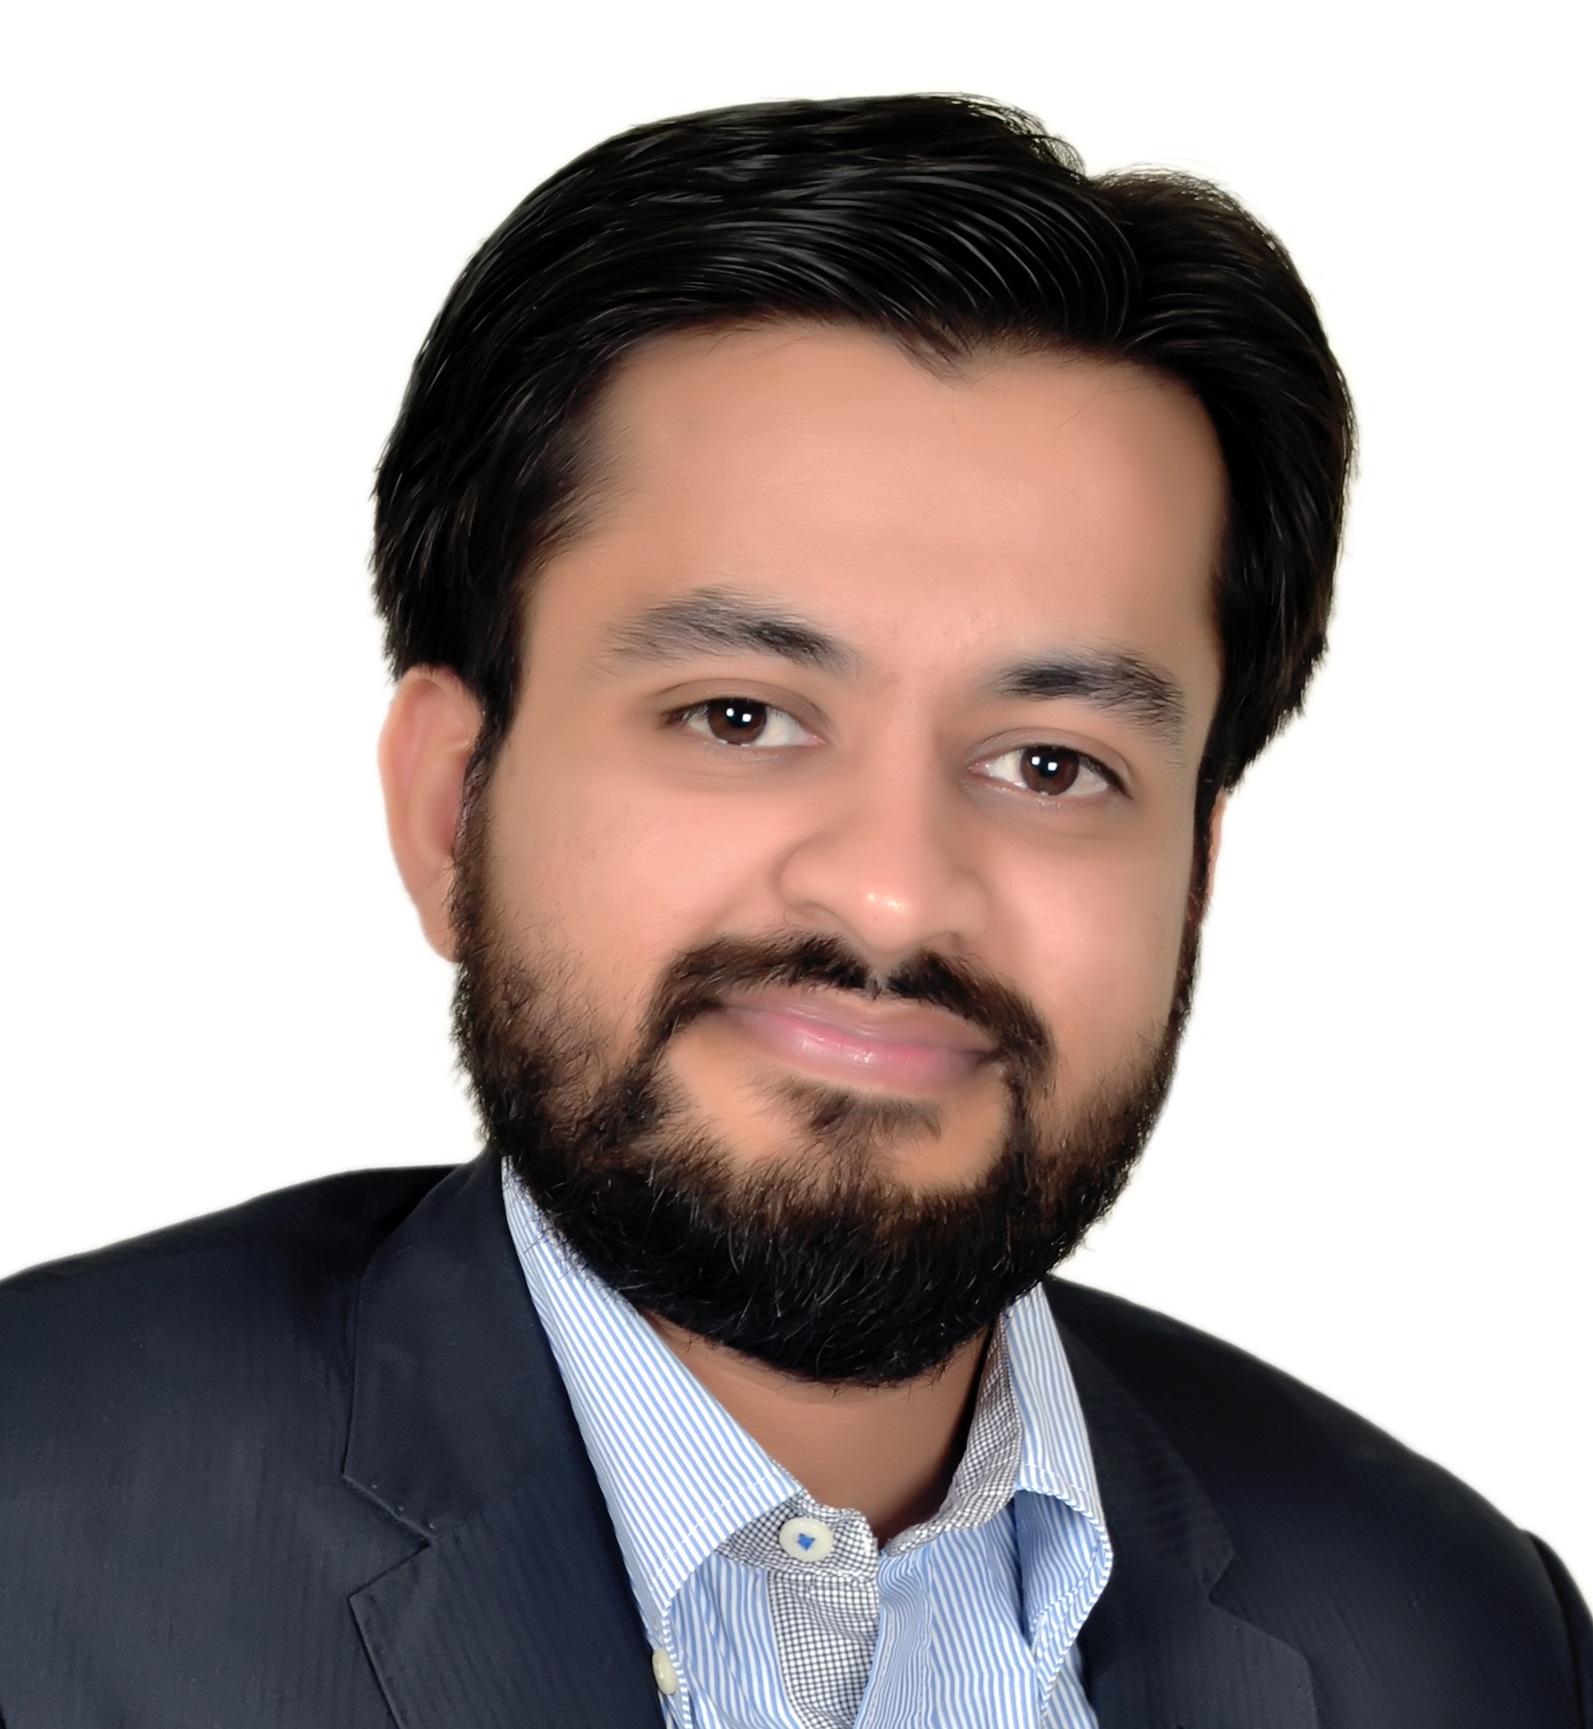 Rahul Goel